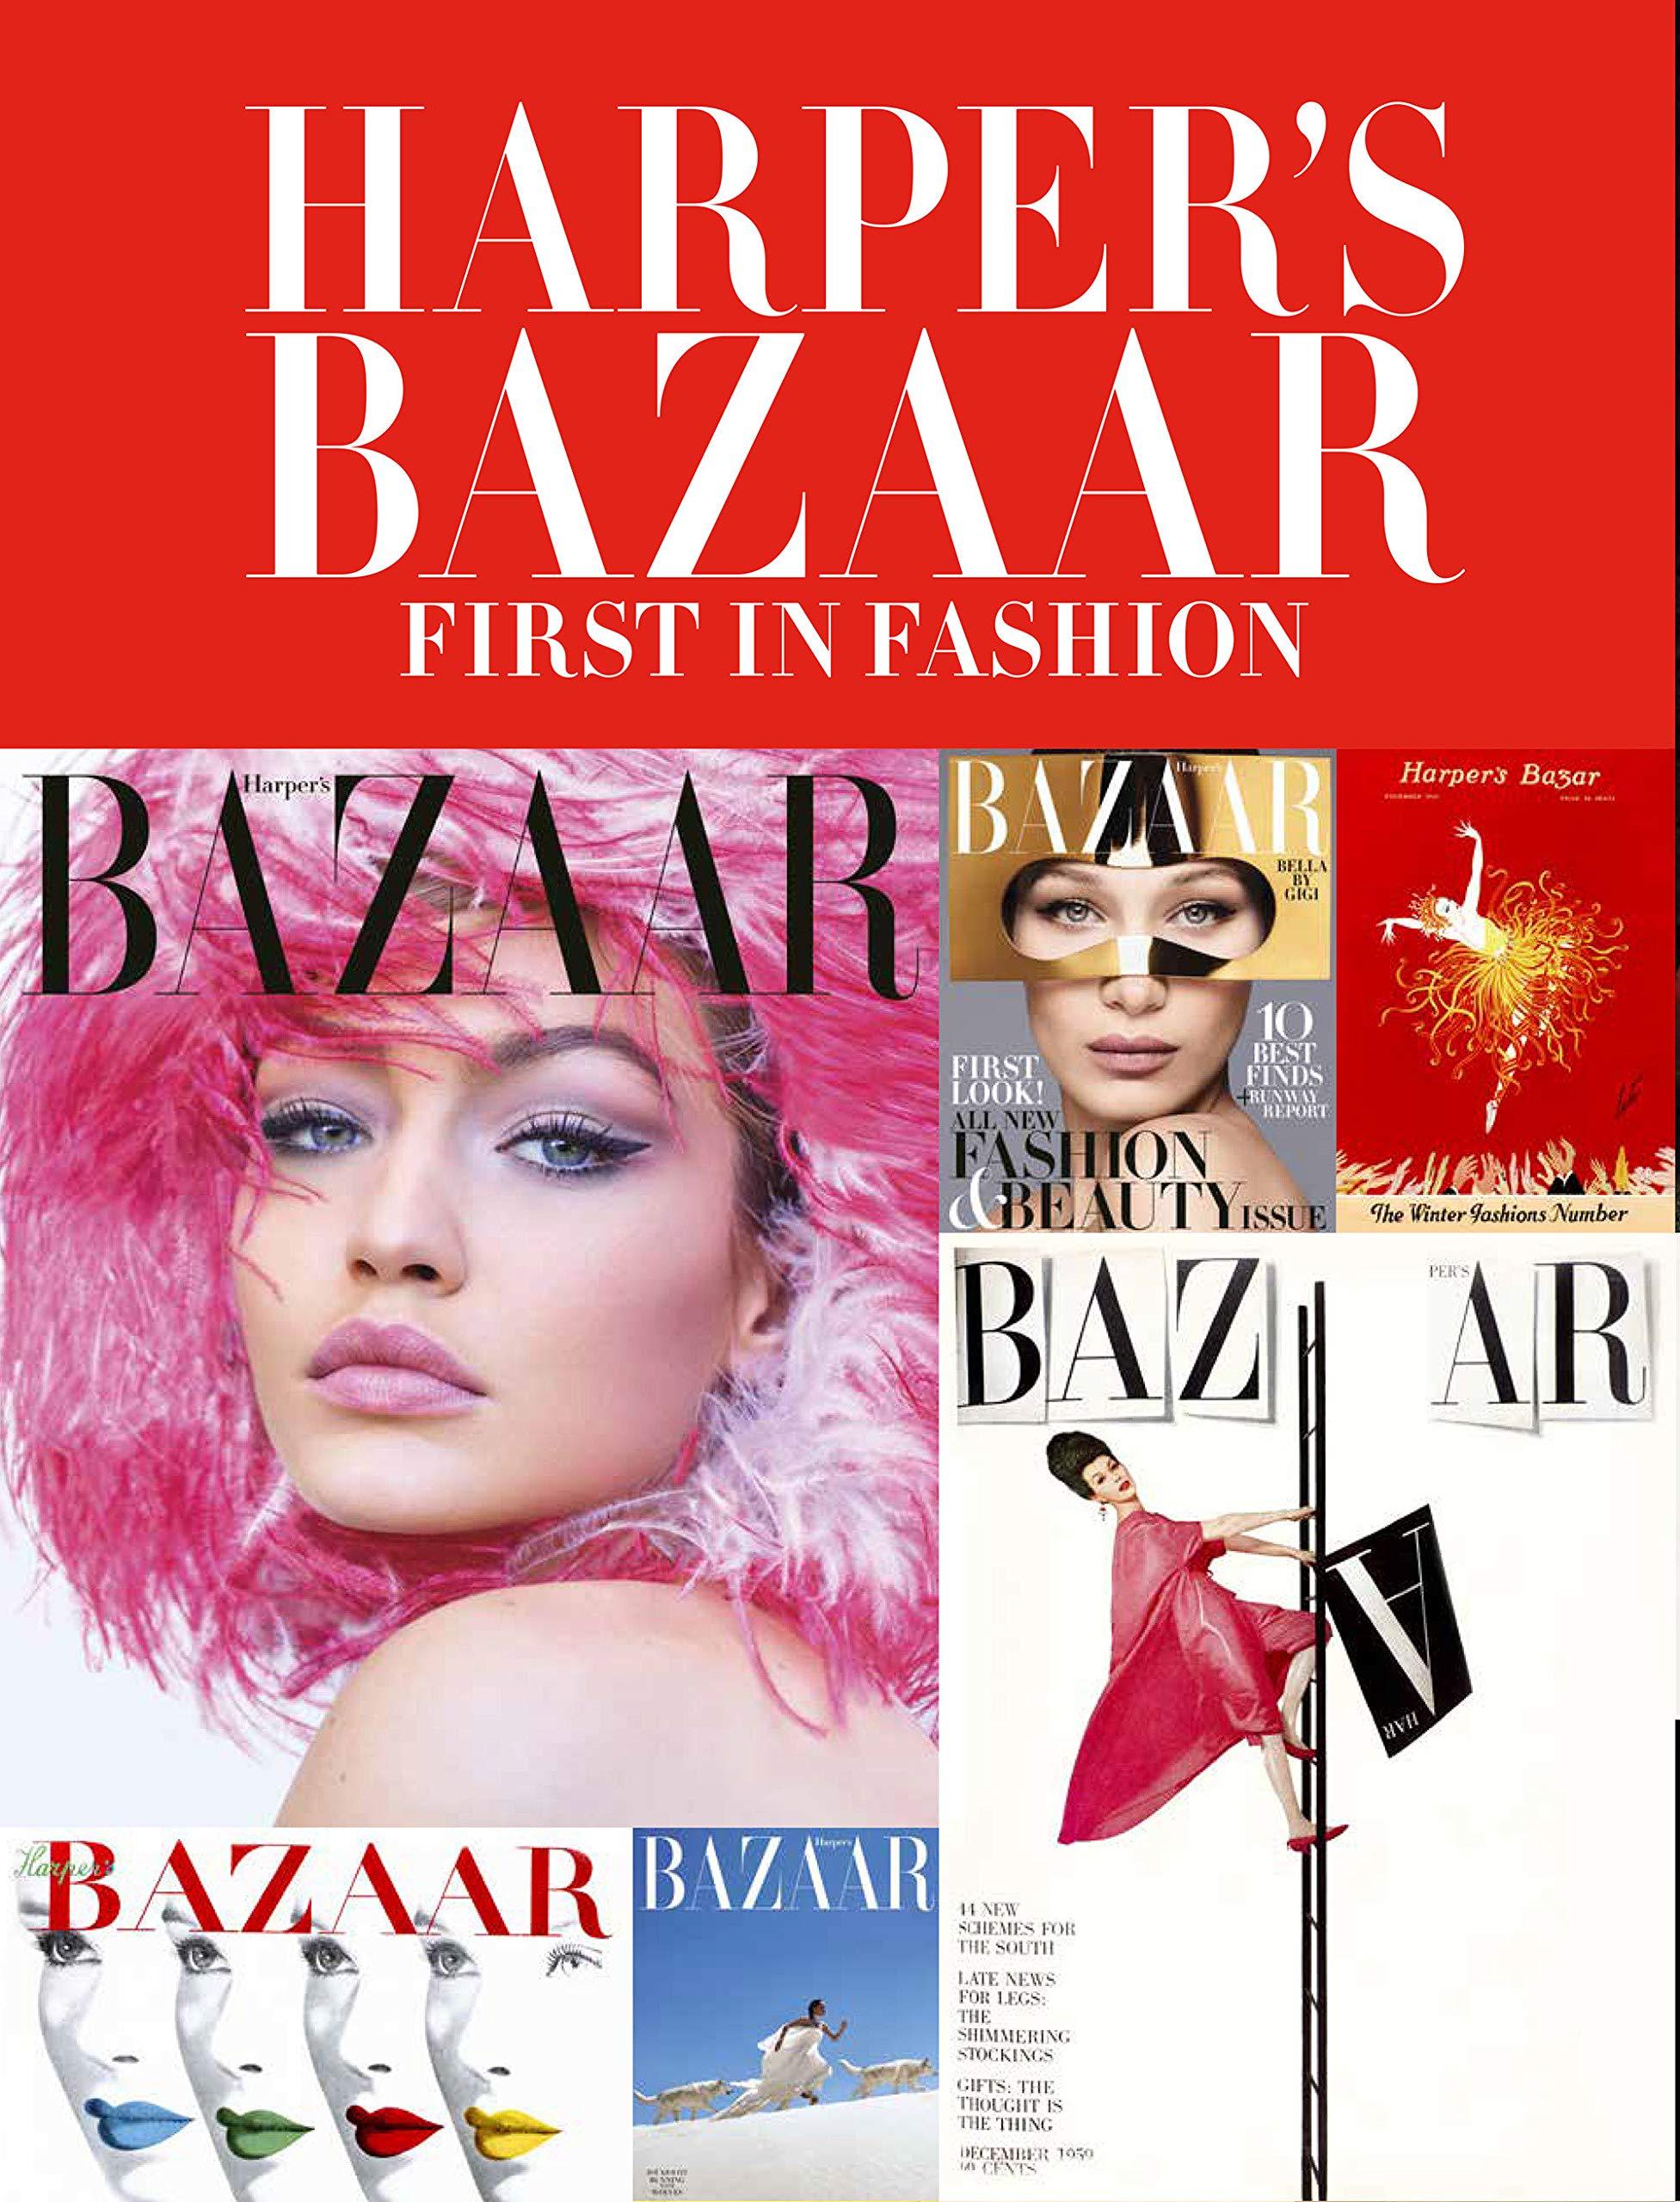 Harpers Bazaar: First in Fashion: Amazon.es: Le Galliard, Marianne: Libros en idiomas extranjeros